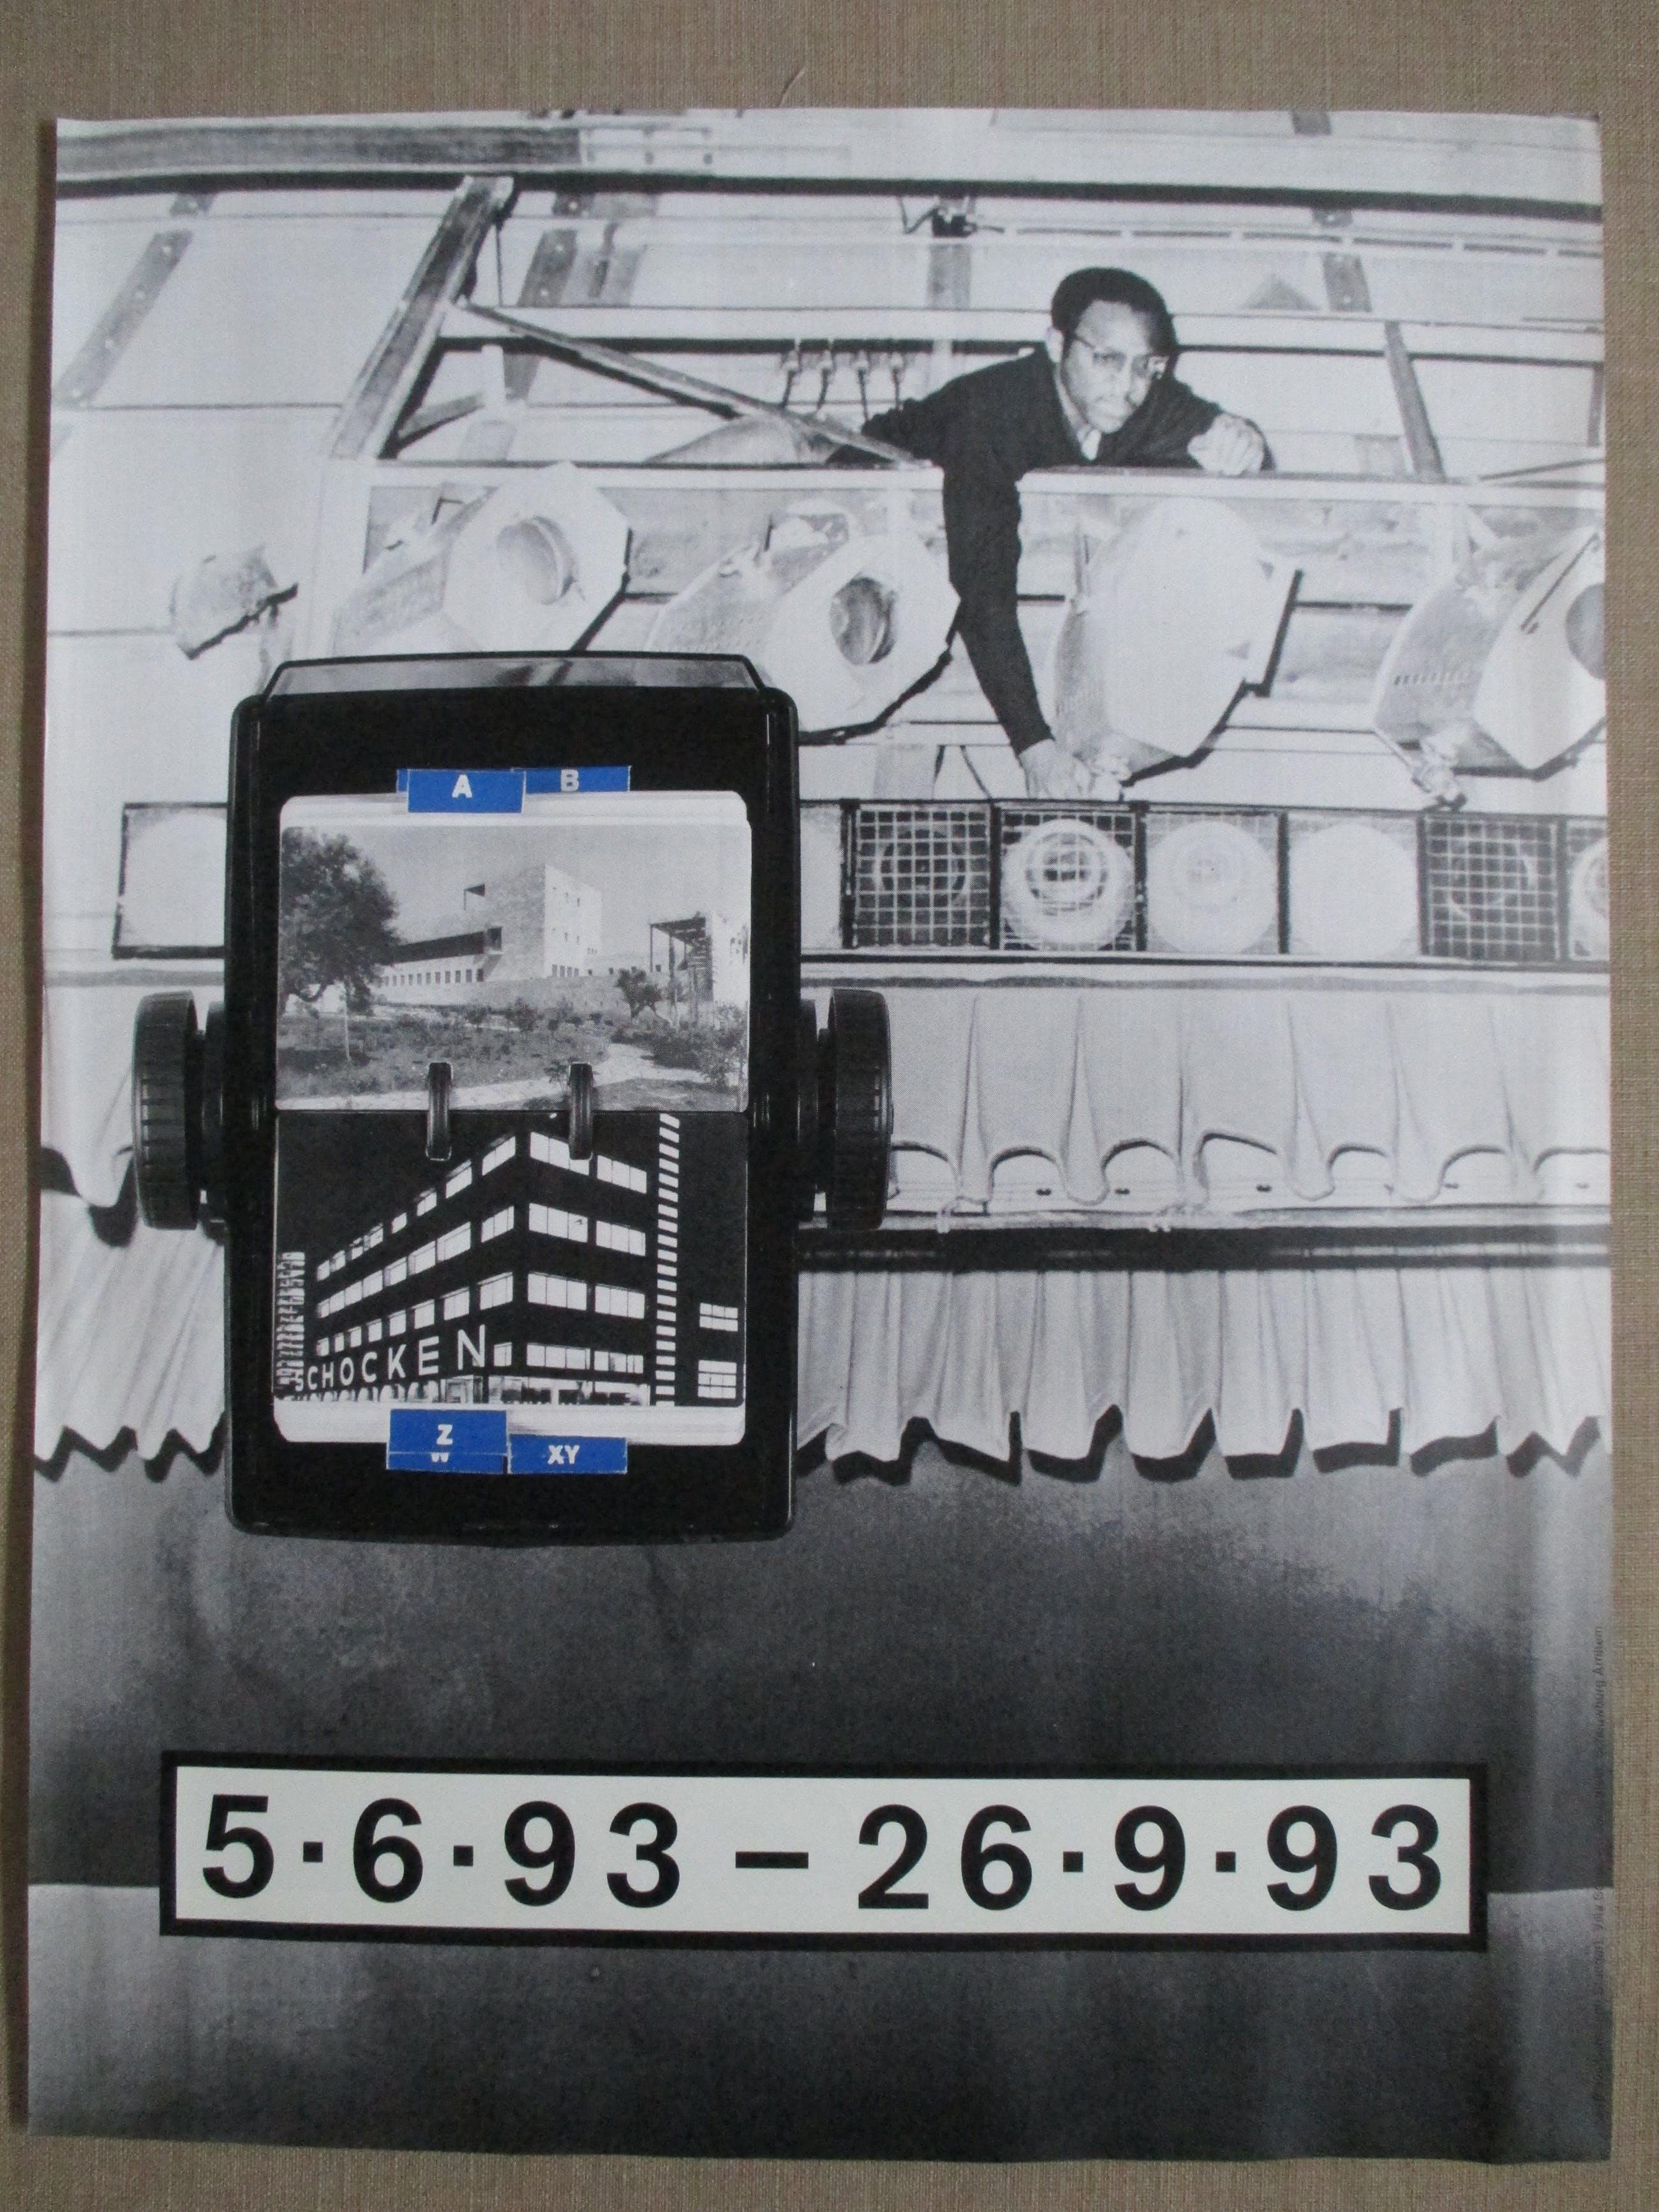 Eran Schaerf - Print Sonsbeek 1993 kopen? Bied vanaf 25!